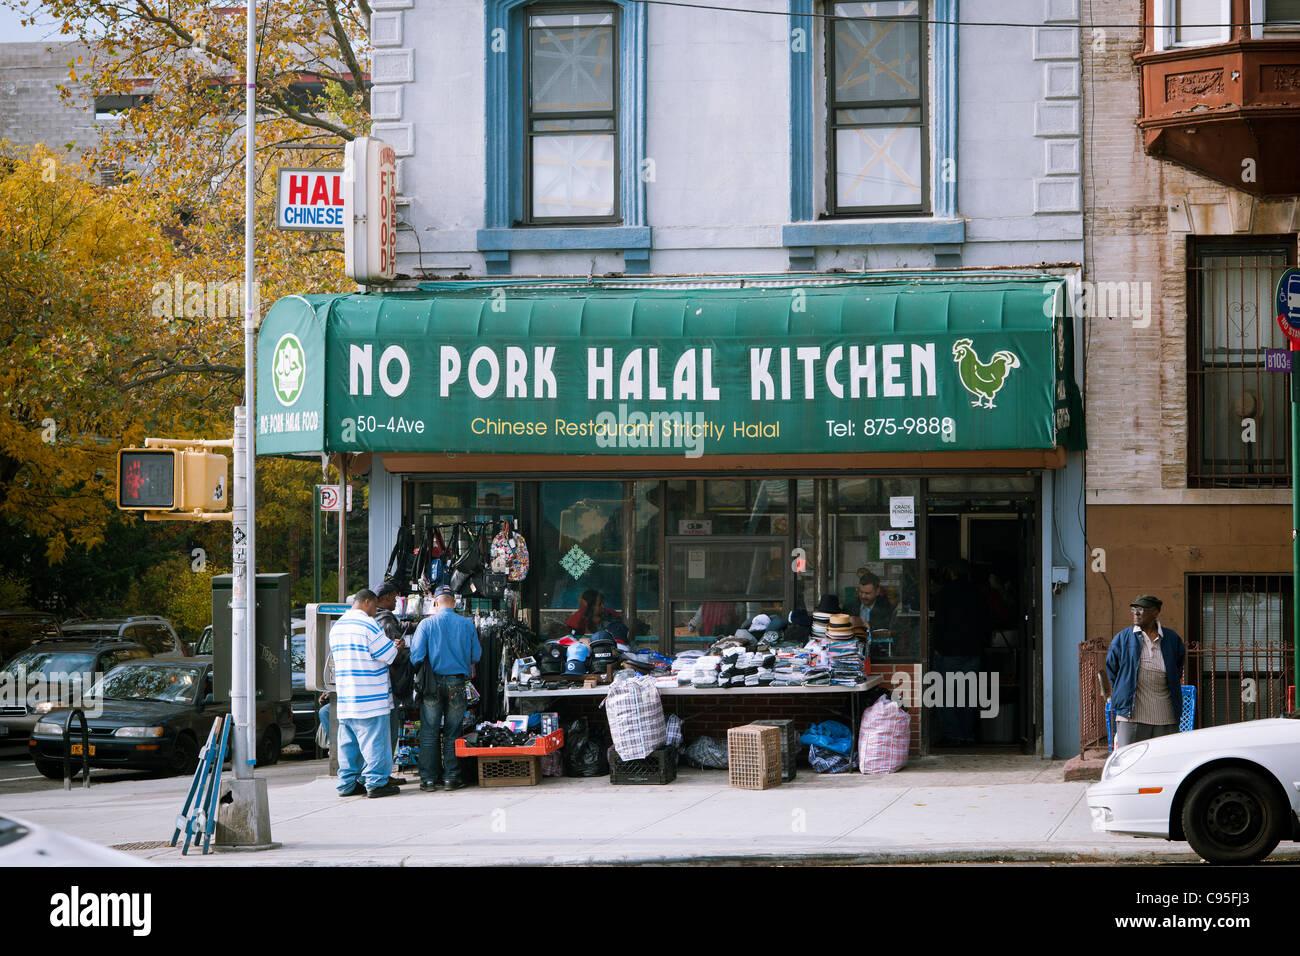 Kein Schweinefleisch Halal Küche chinesisches Restaurant von der ...